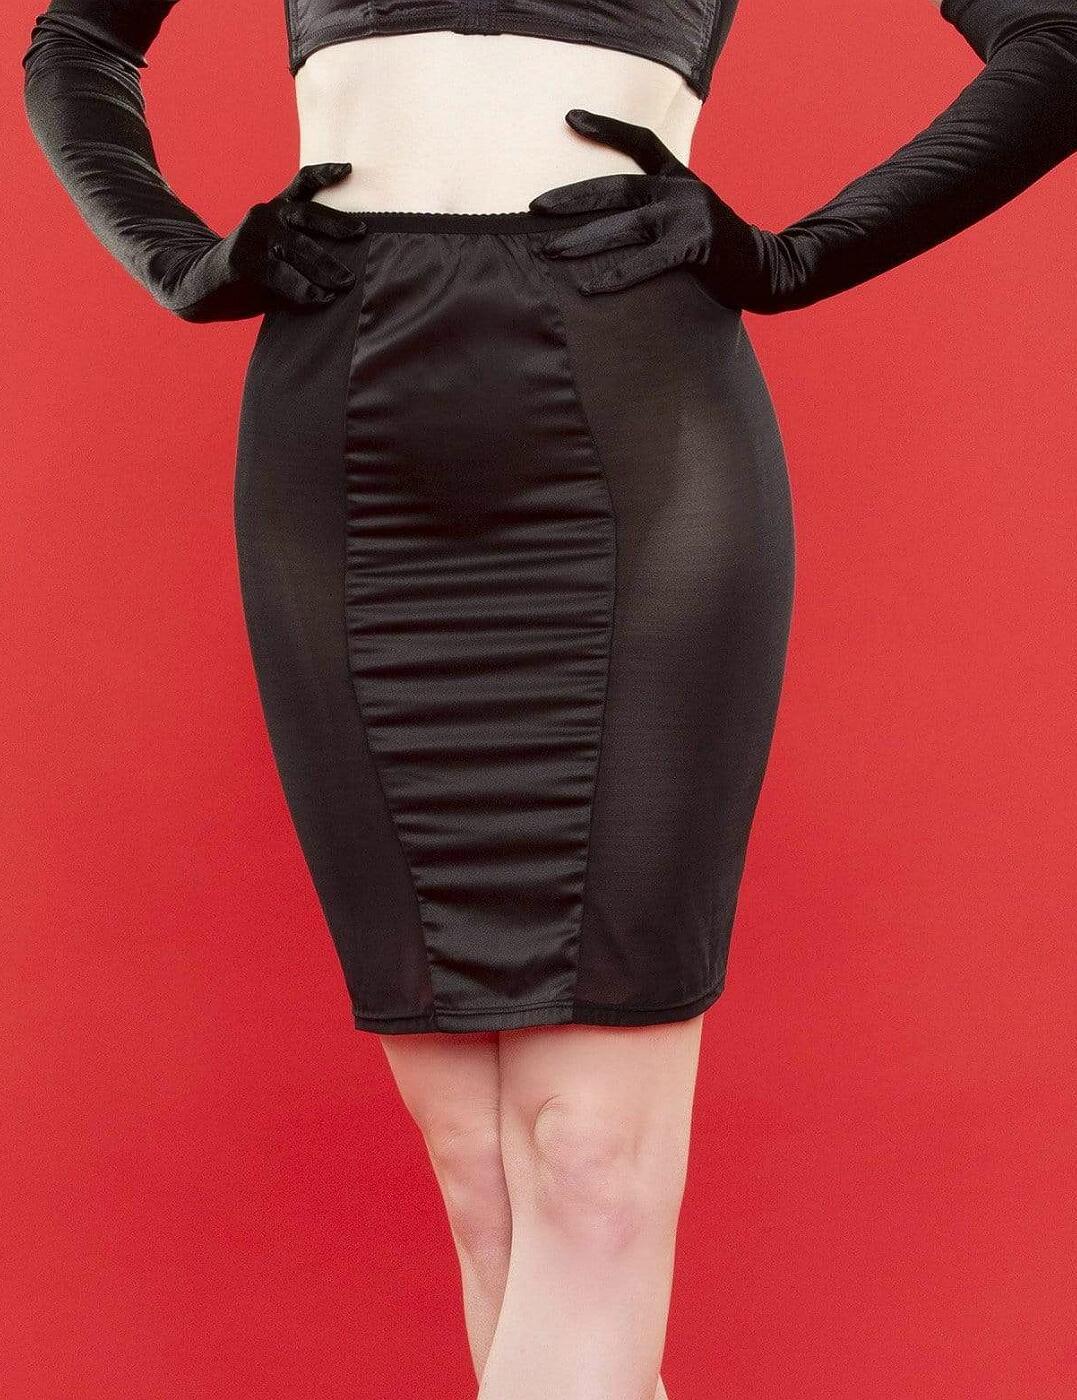 BP031T Playful Promises Bettie Page Tassle Lingerie Skirt - BP031T Black